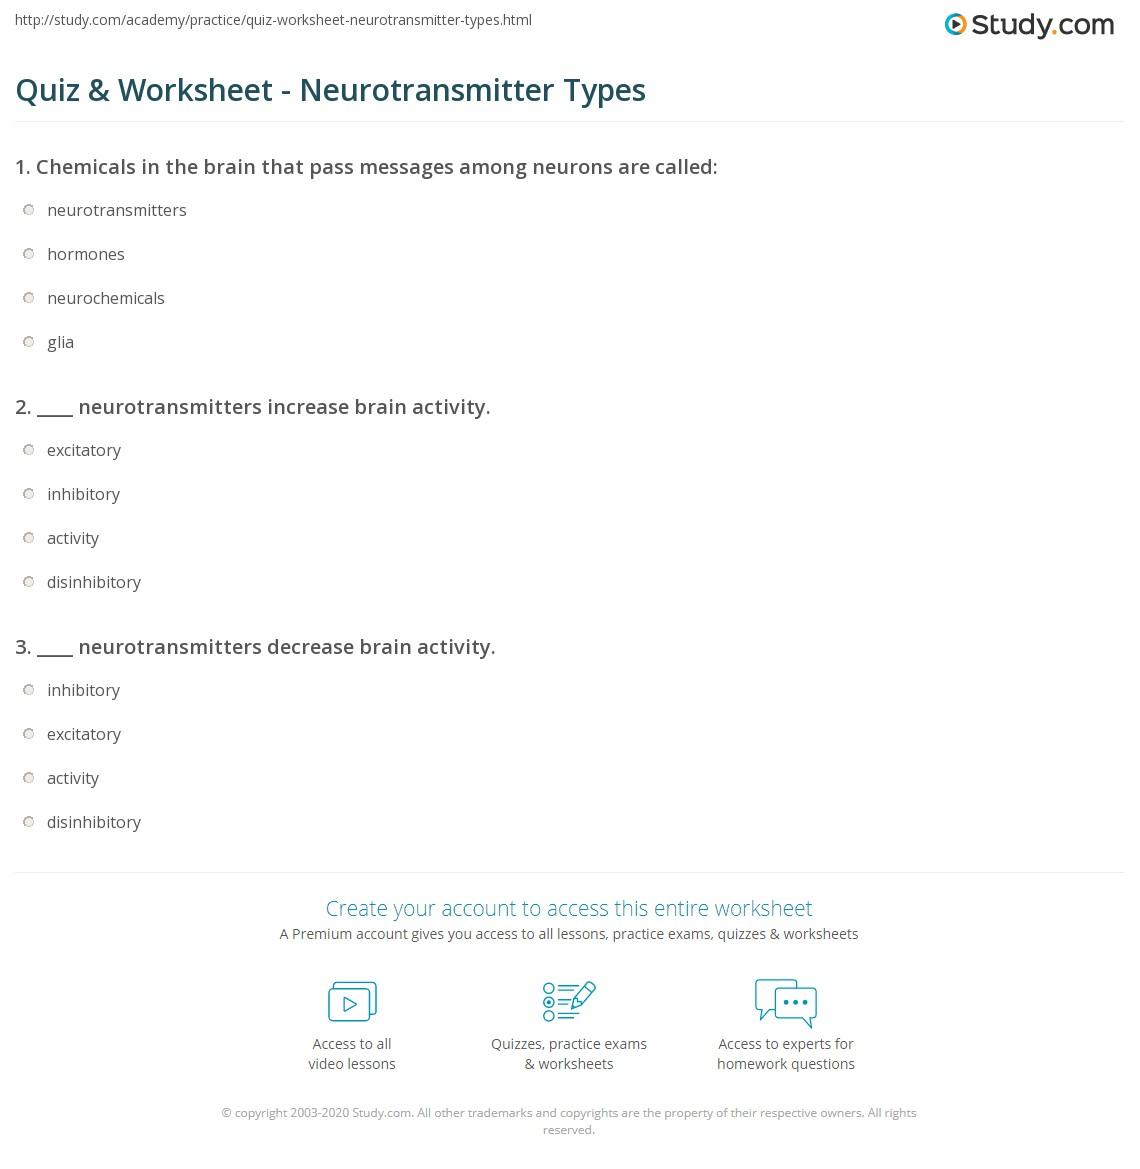 worksheet Neurotransmitters Worksheet quiz worksheet neurotransmitter types study com print of neurotransmitters worksheet